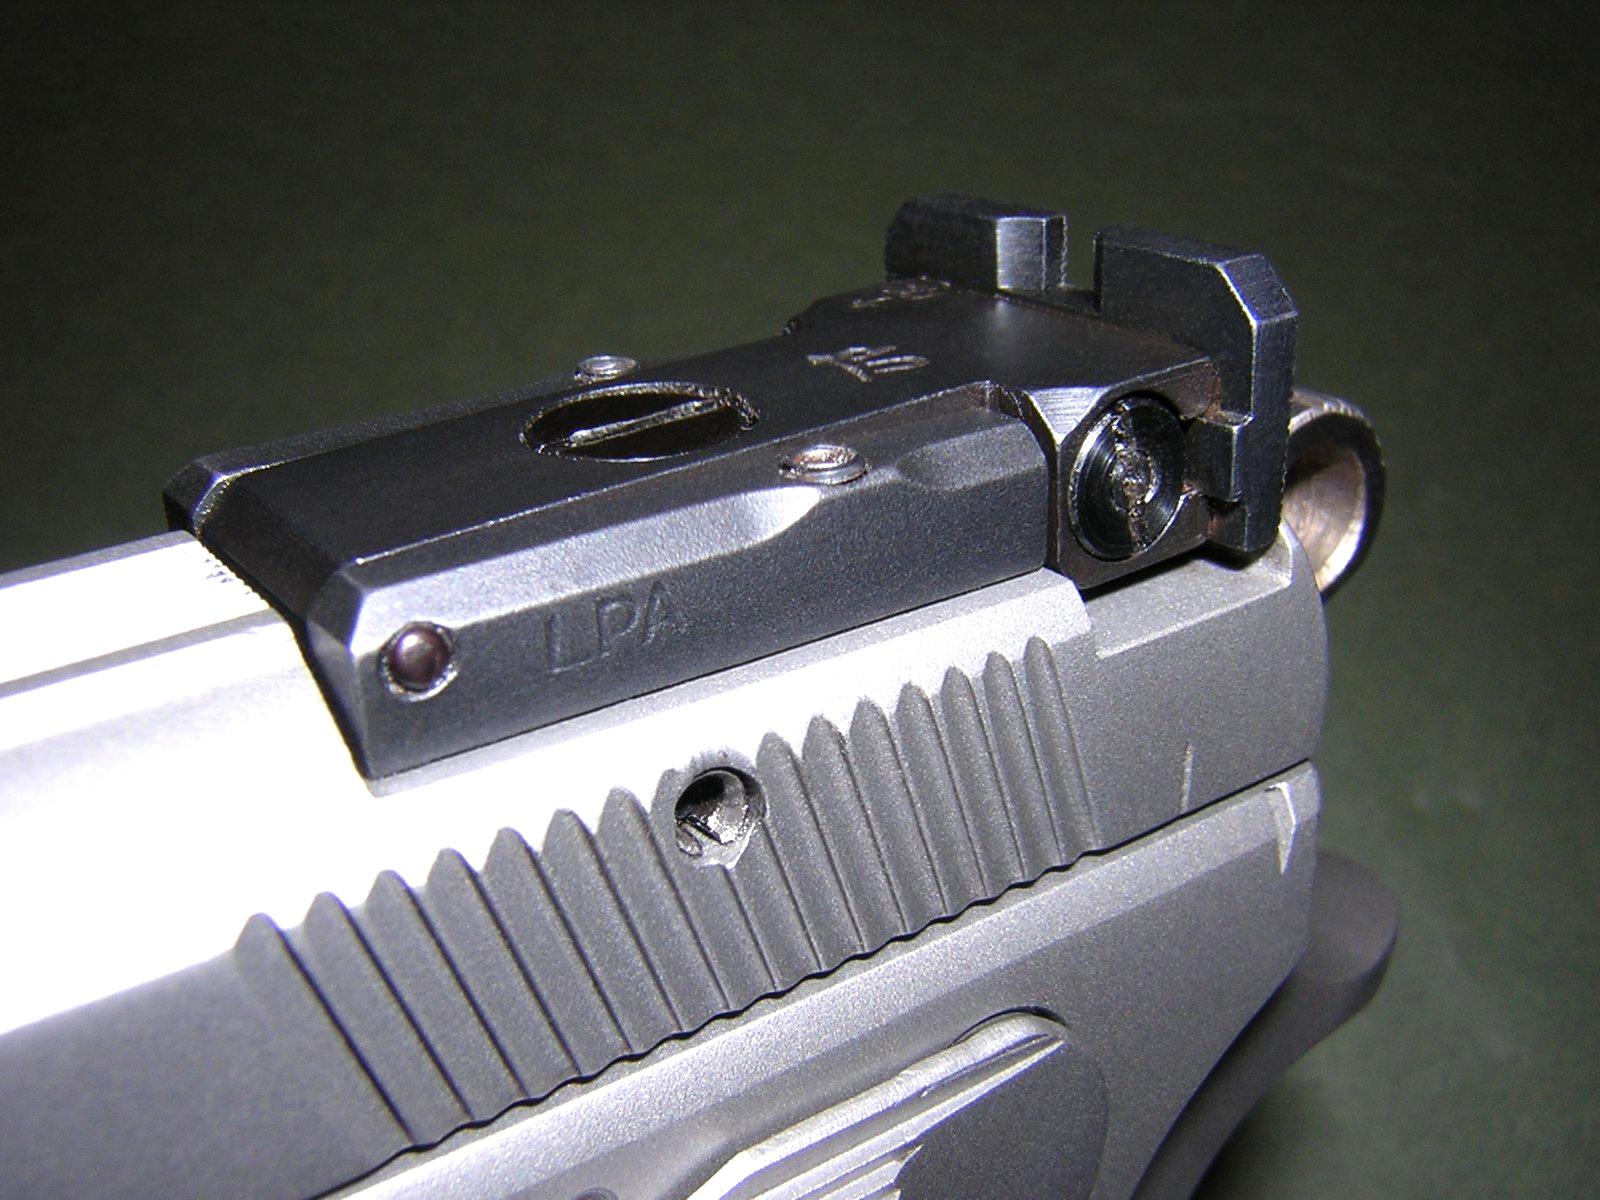 La version « Sport » du CZ-75 B inox customisée par l'armurerie FMR, que nous avons utilisée pour nos essais, se démarque notamment par sa hausse micrométrique LPA encastrée à l'arrière de la culasse à glissière. Robuste et bien conçue, parfaitement d'équerre avec l'arme, cette hausse munie d'une visière large aux angles bien nets correspond parfaitement aux critères du tir sportif.